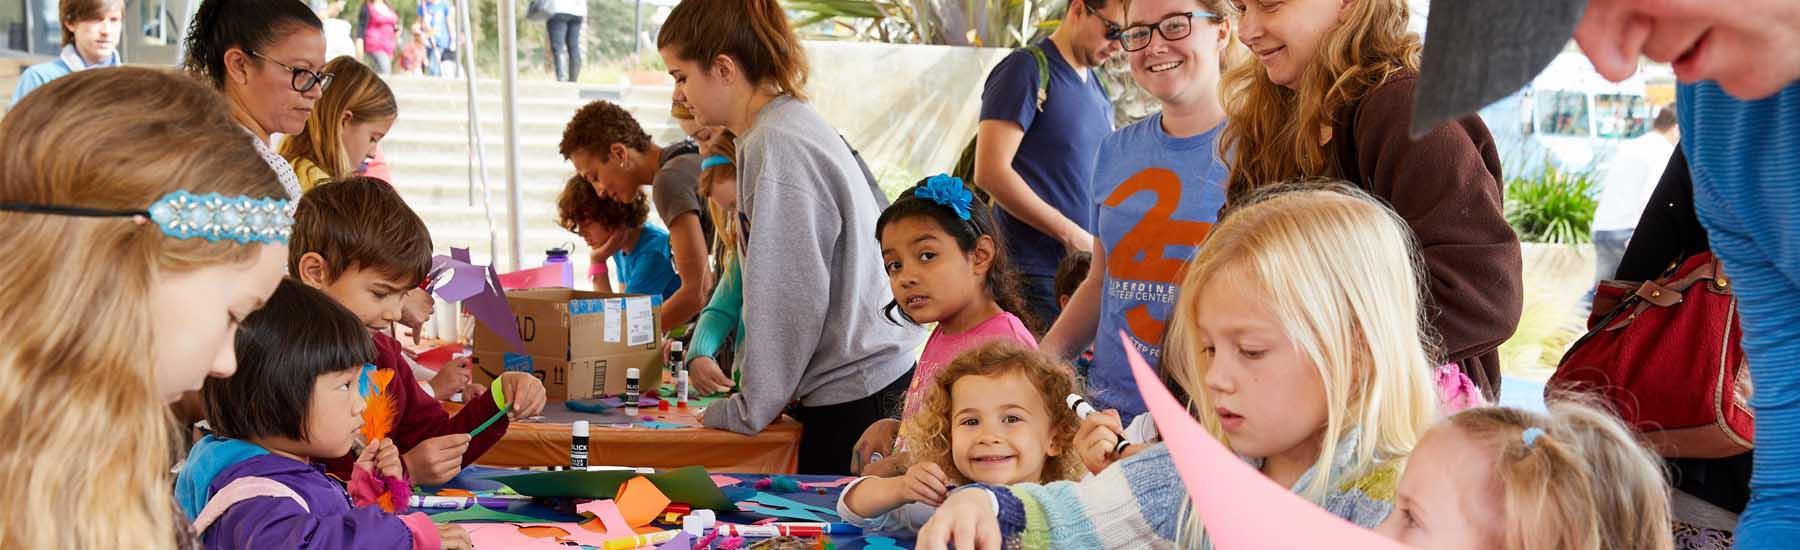 Family Arts Fest